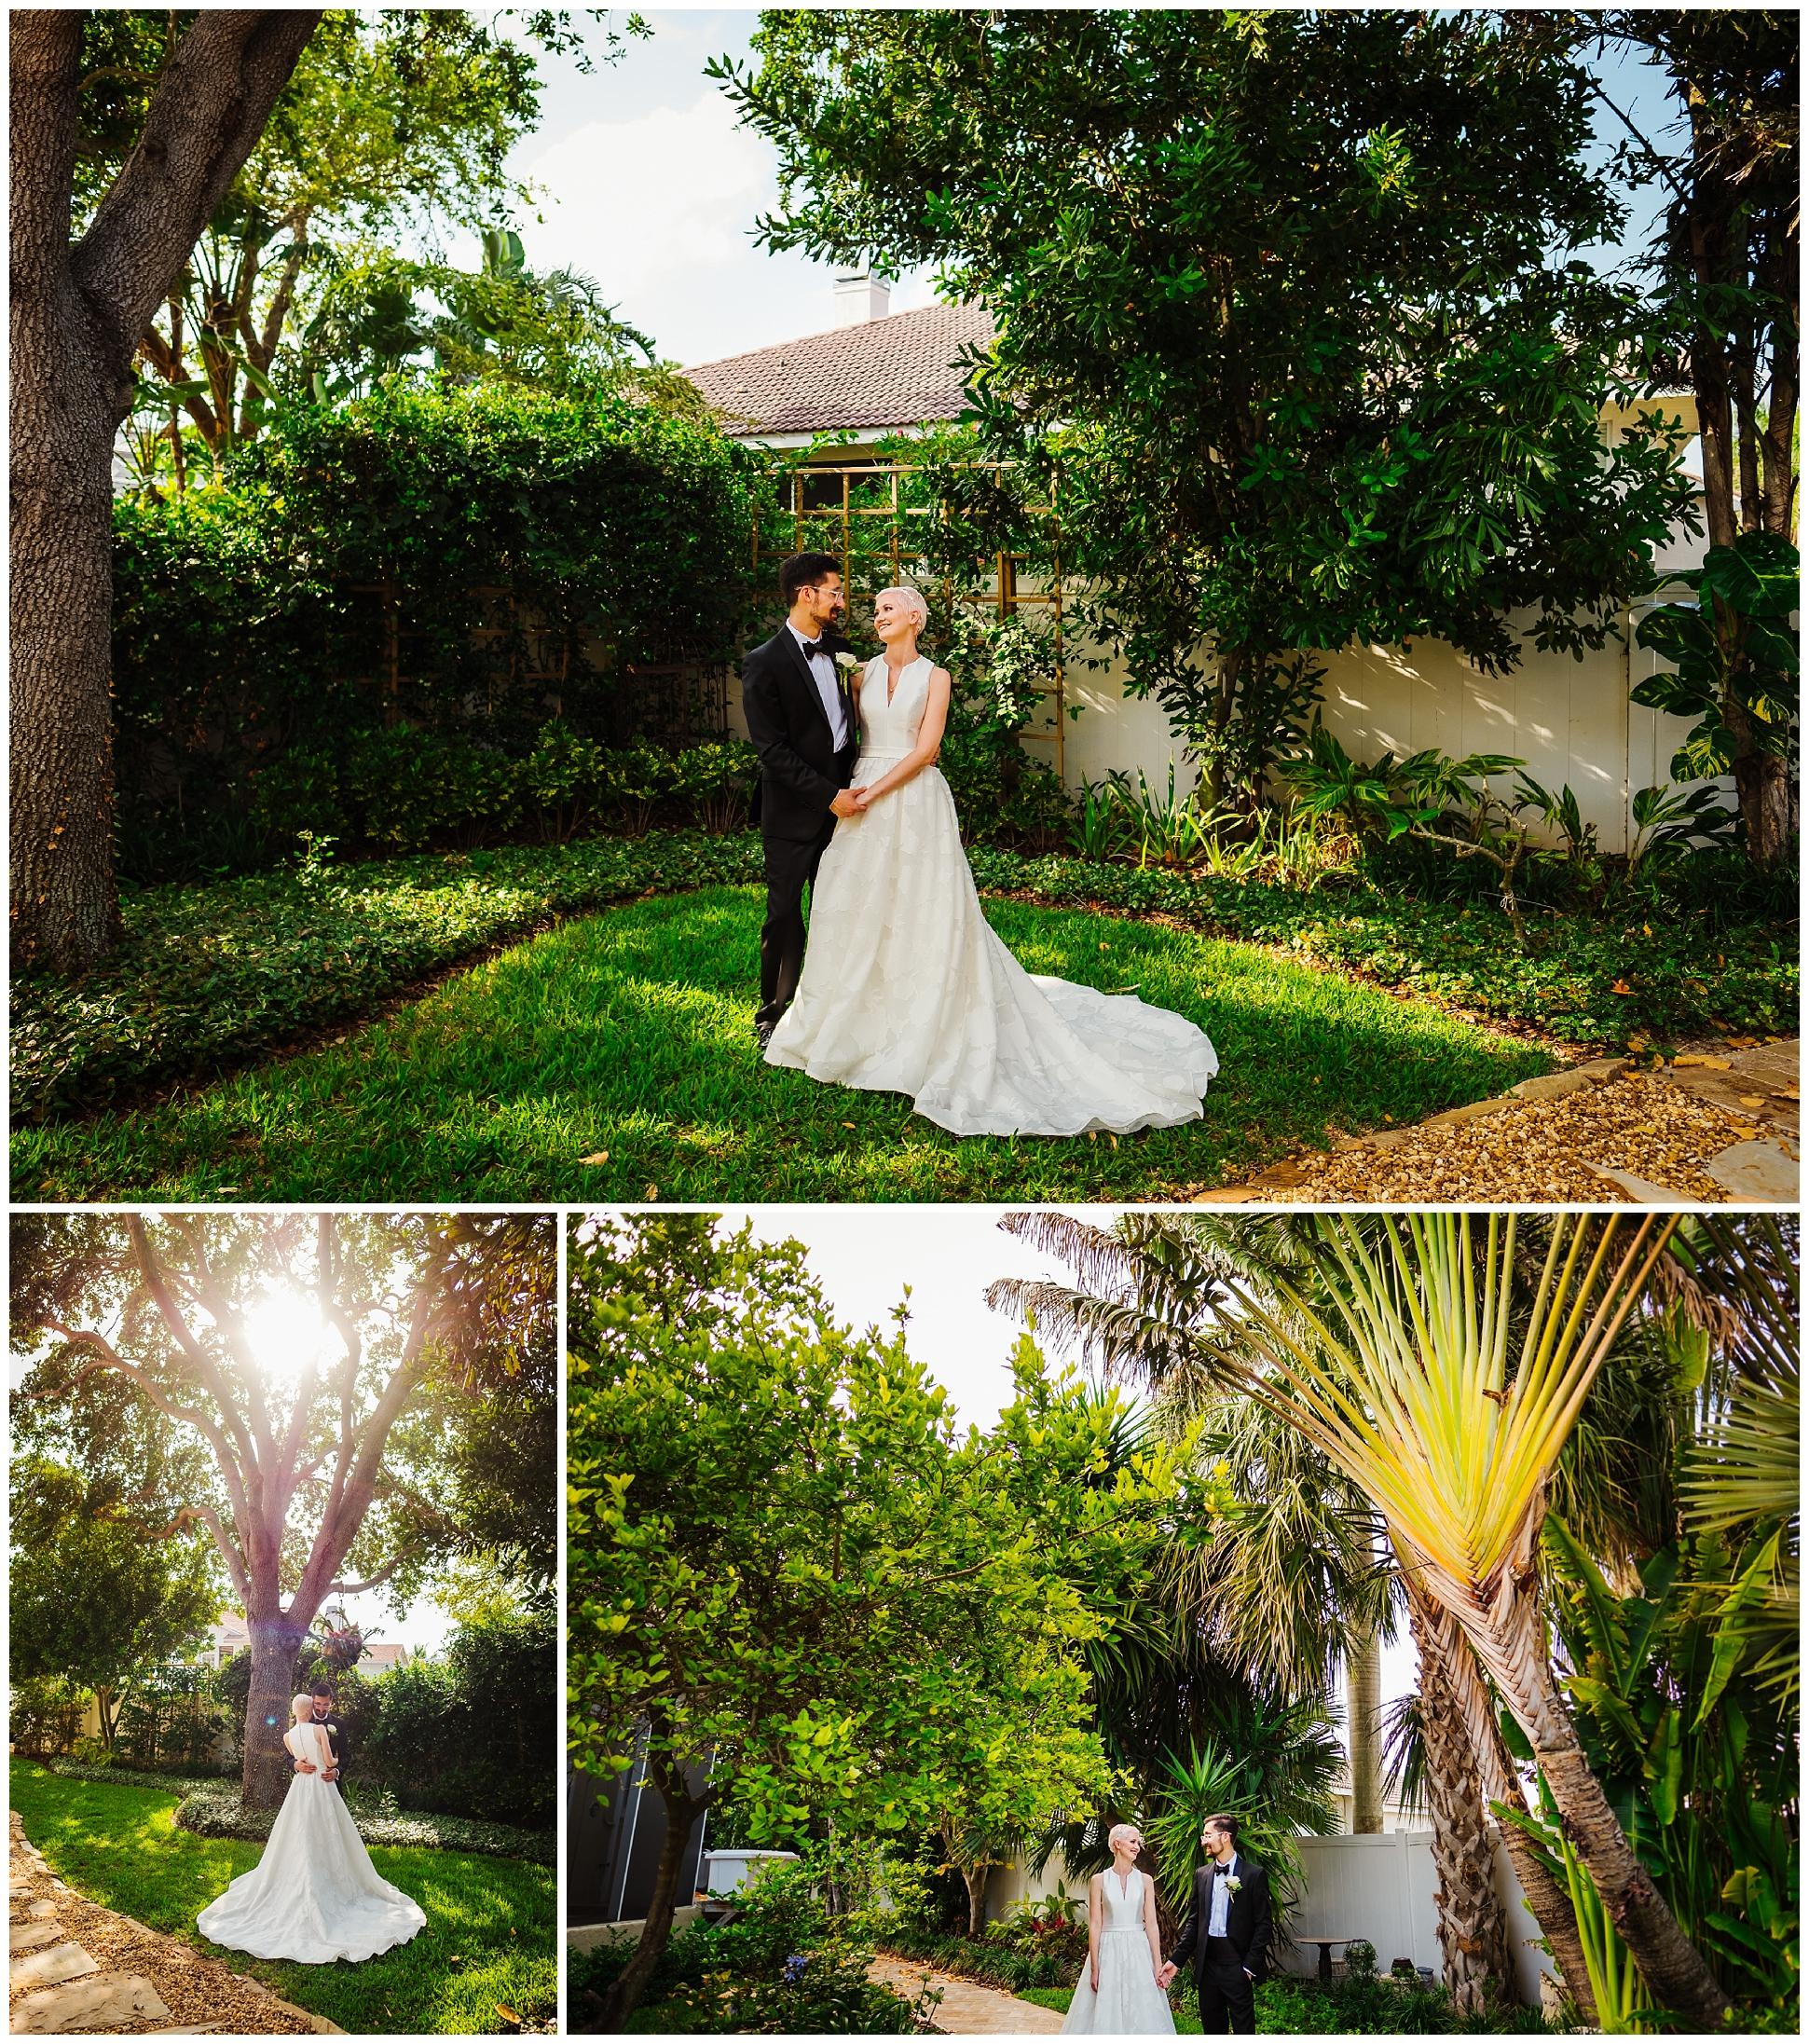 tierra-verde-st-pete-florida-home-luxury-wedding-greenery-pink-pixie-bride_0027.jpg